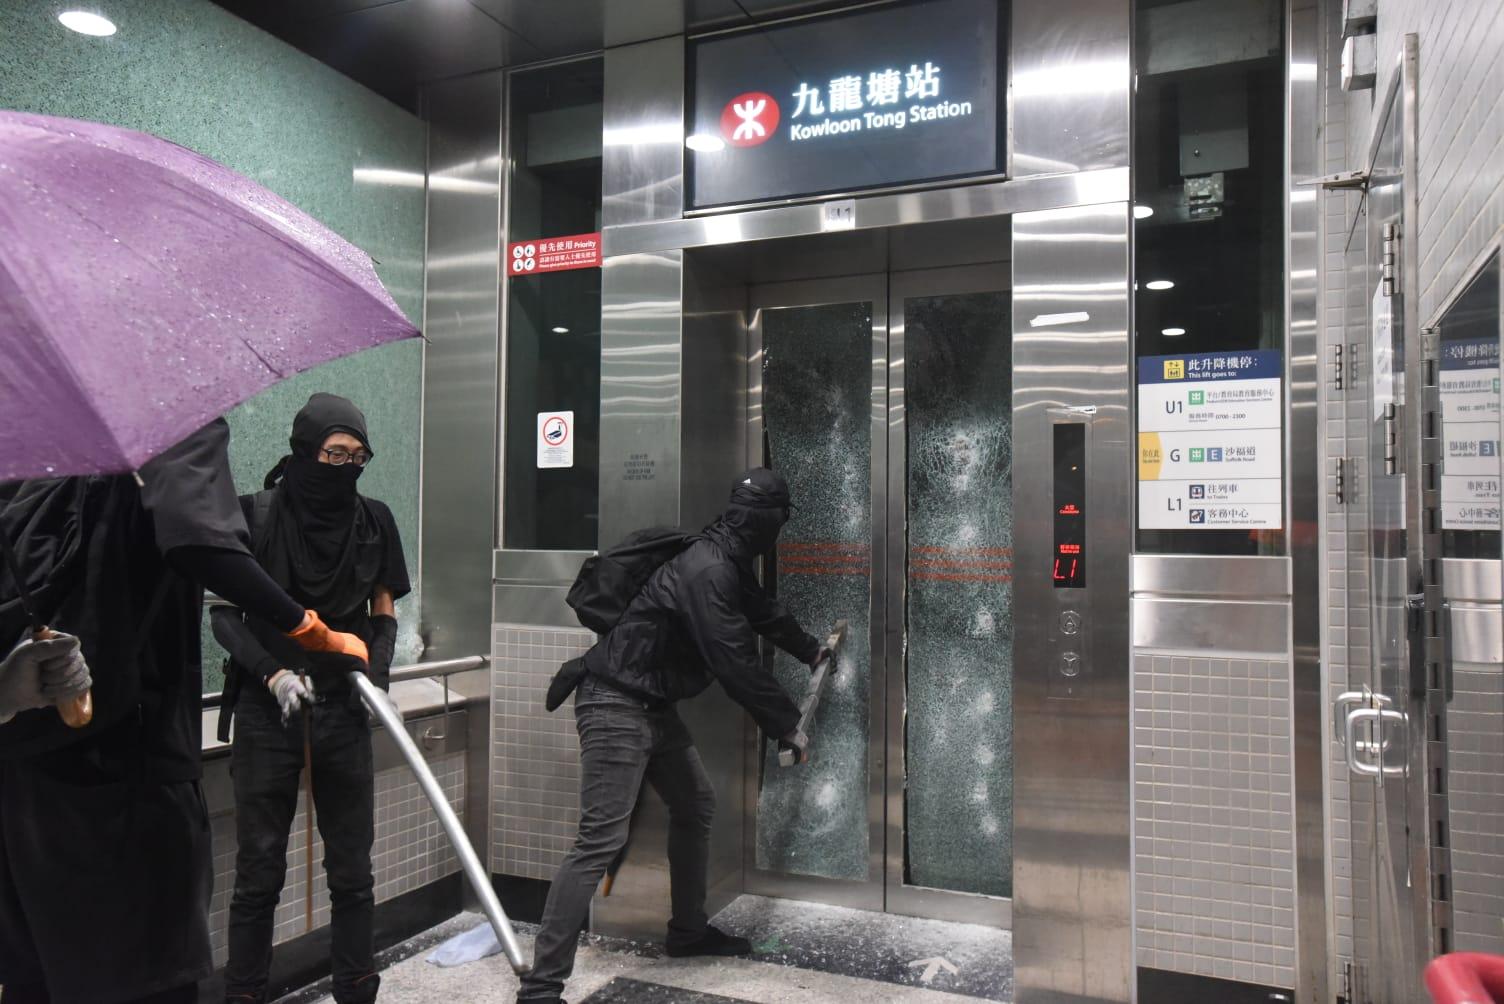 【修例风波】多区车站遭破坏 港铁宣布机铁外所有缐路停驶